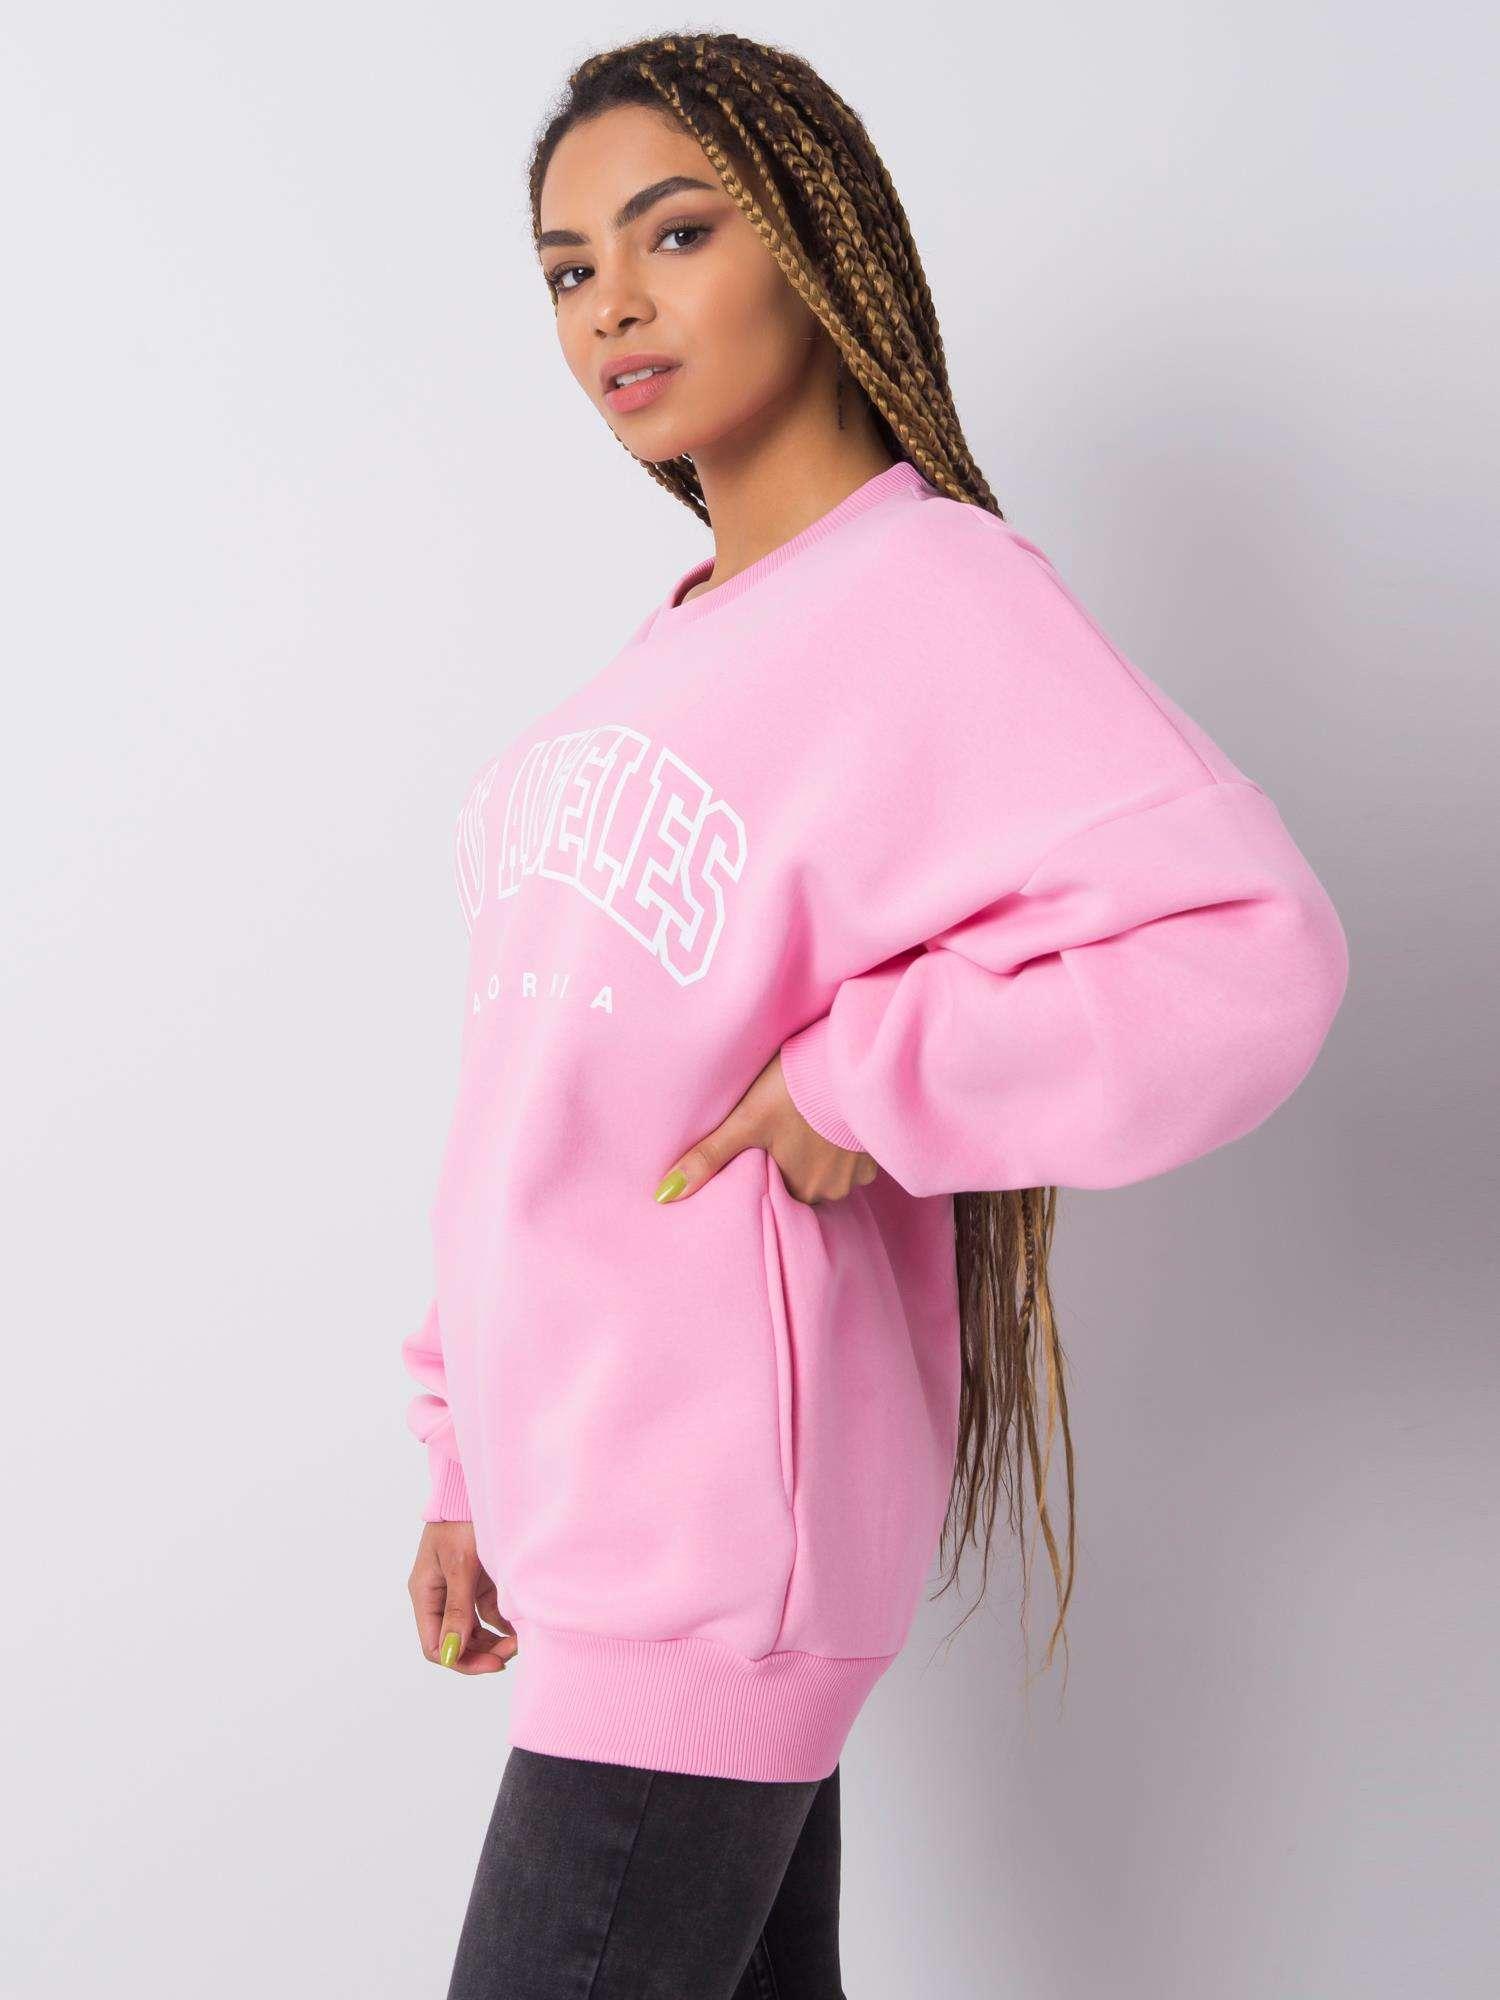 Sweatshirt in Rosa mit Aufdruck Seitenansicht